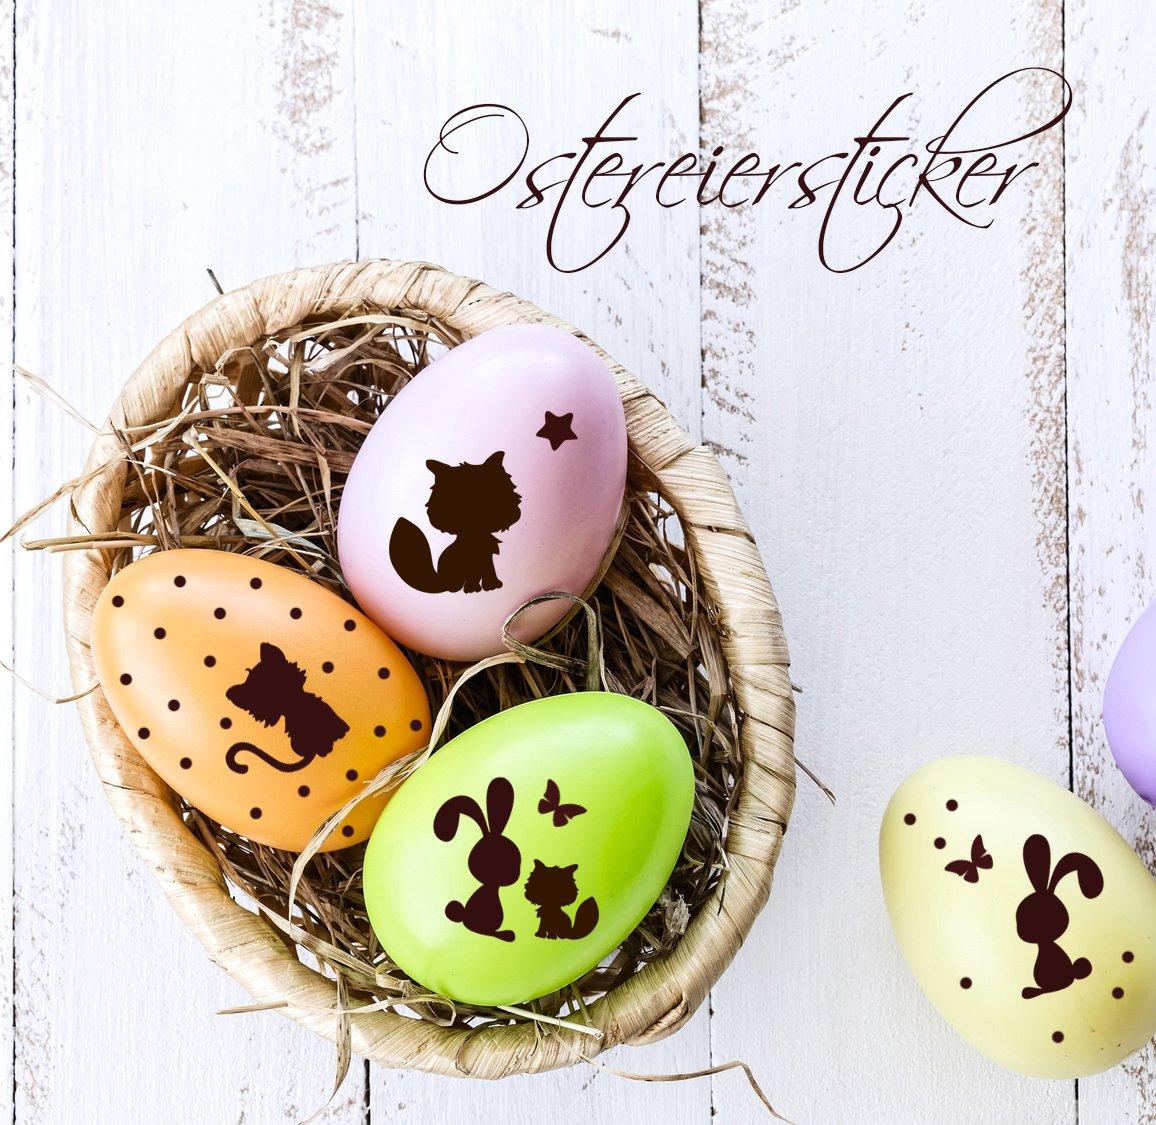 Adesivi decorativi per uova di Pasqua, motivo: volpi, lepri, gatti, farfalle, primavera, bambini M1415 ilka parey wandtattoo welt